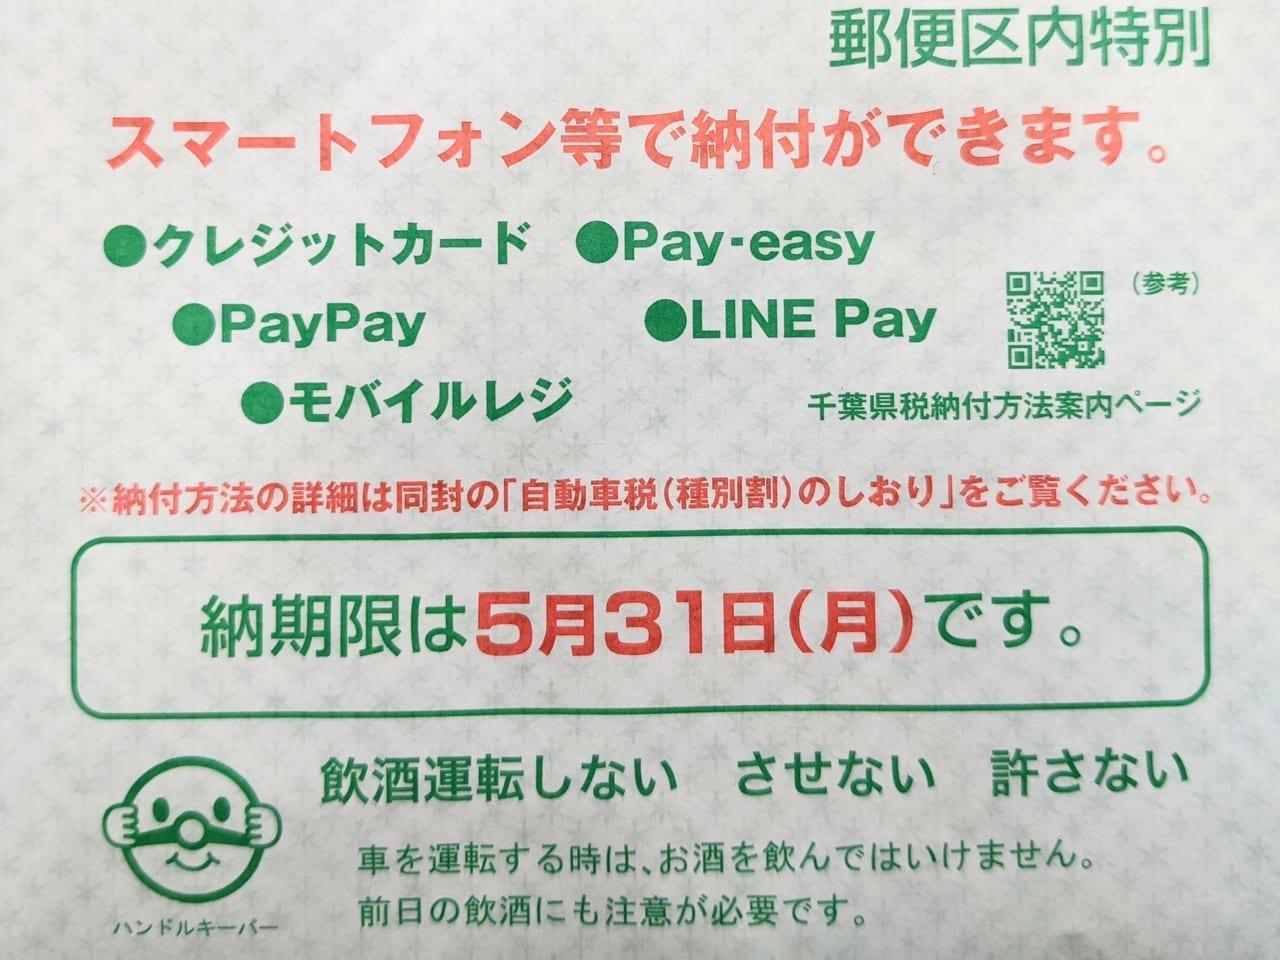 千葉県民の皆さん!自動車税はおうちからスマホで電子マネー納付ができますよ!《PayPay・LINE Payなど》